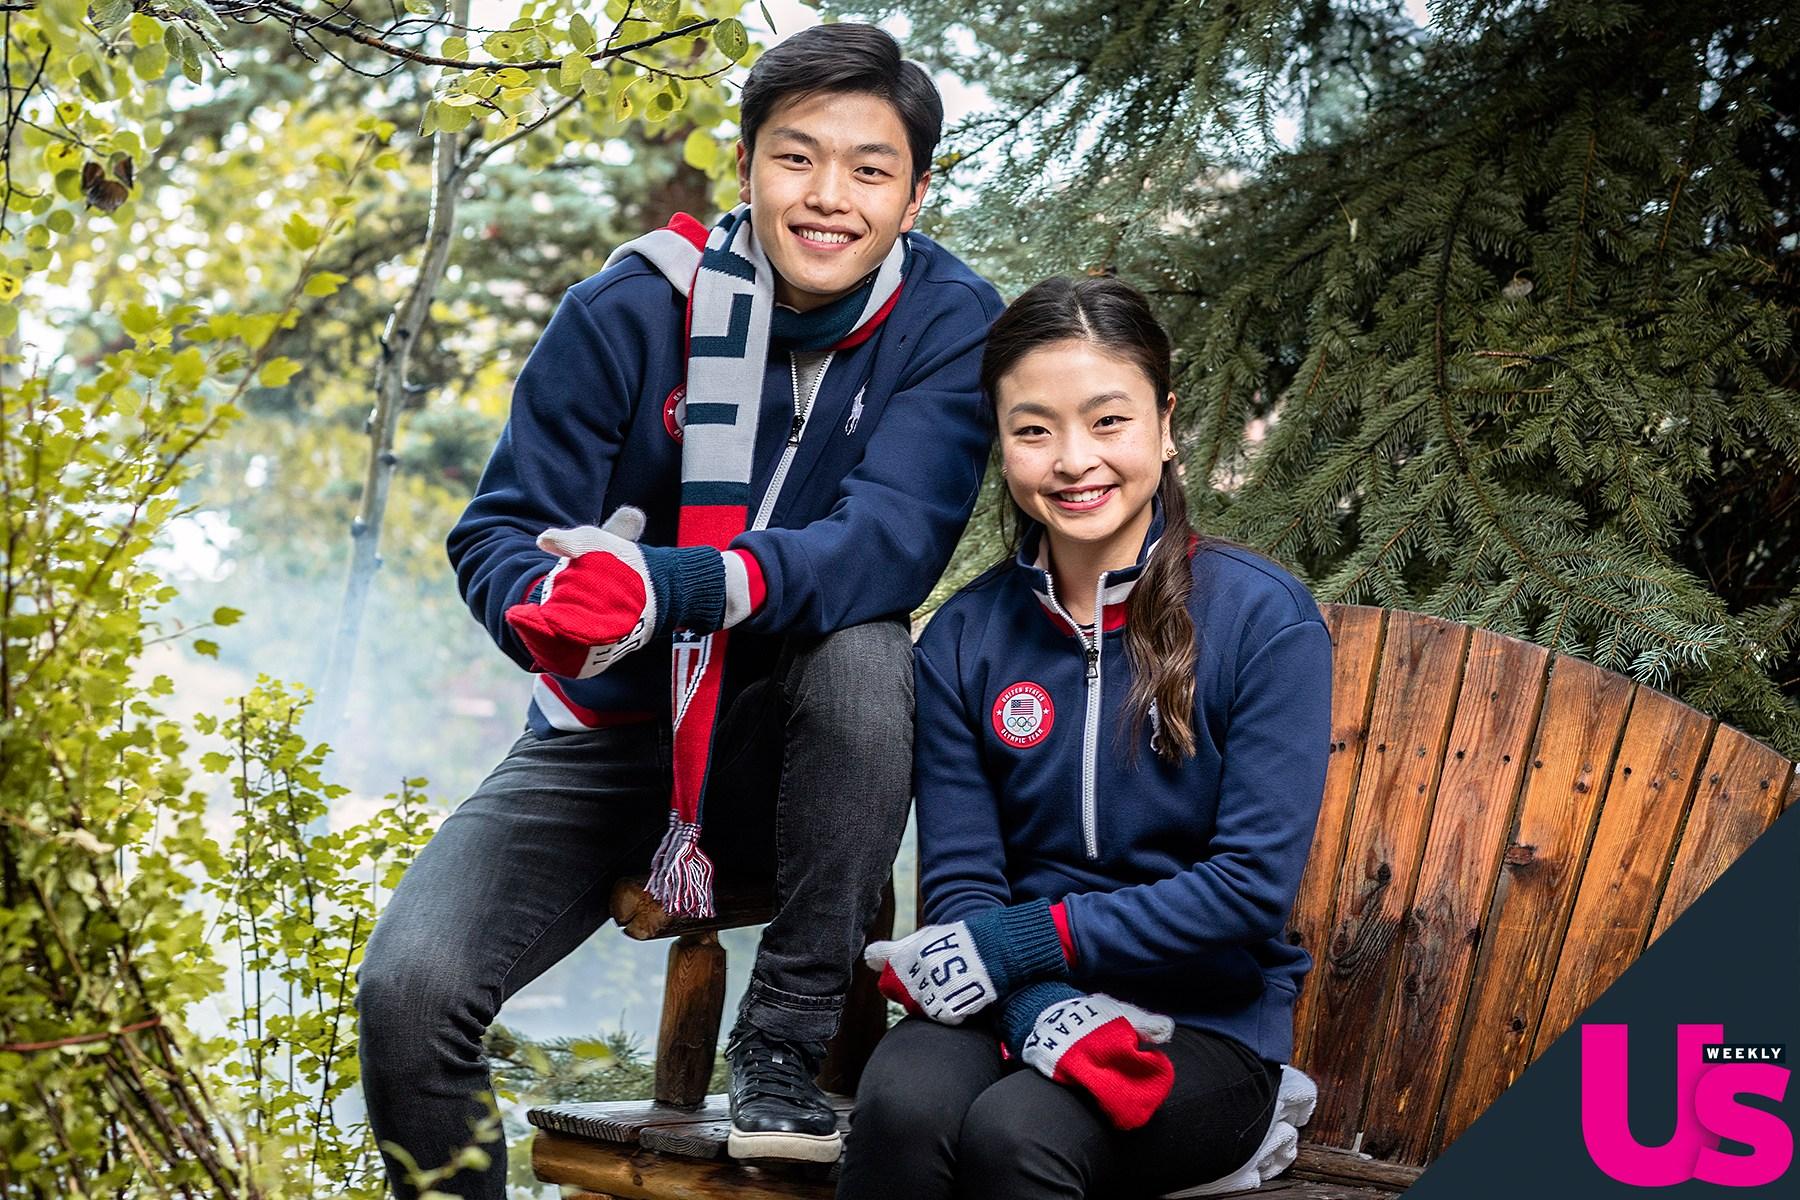 Alex Shibutani Maia Shibutani Peongchang 2018 Winter Olympics